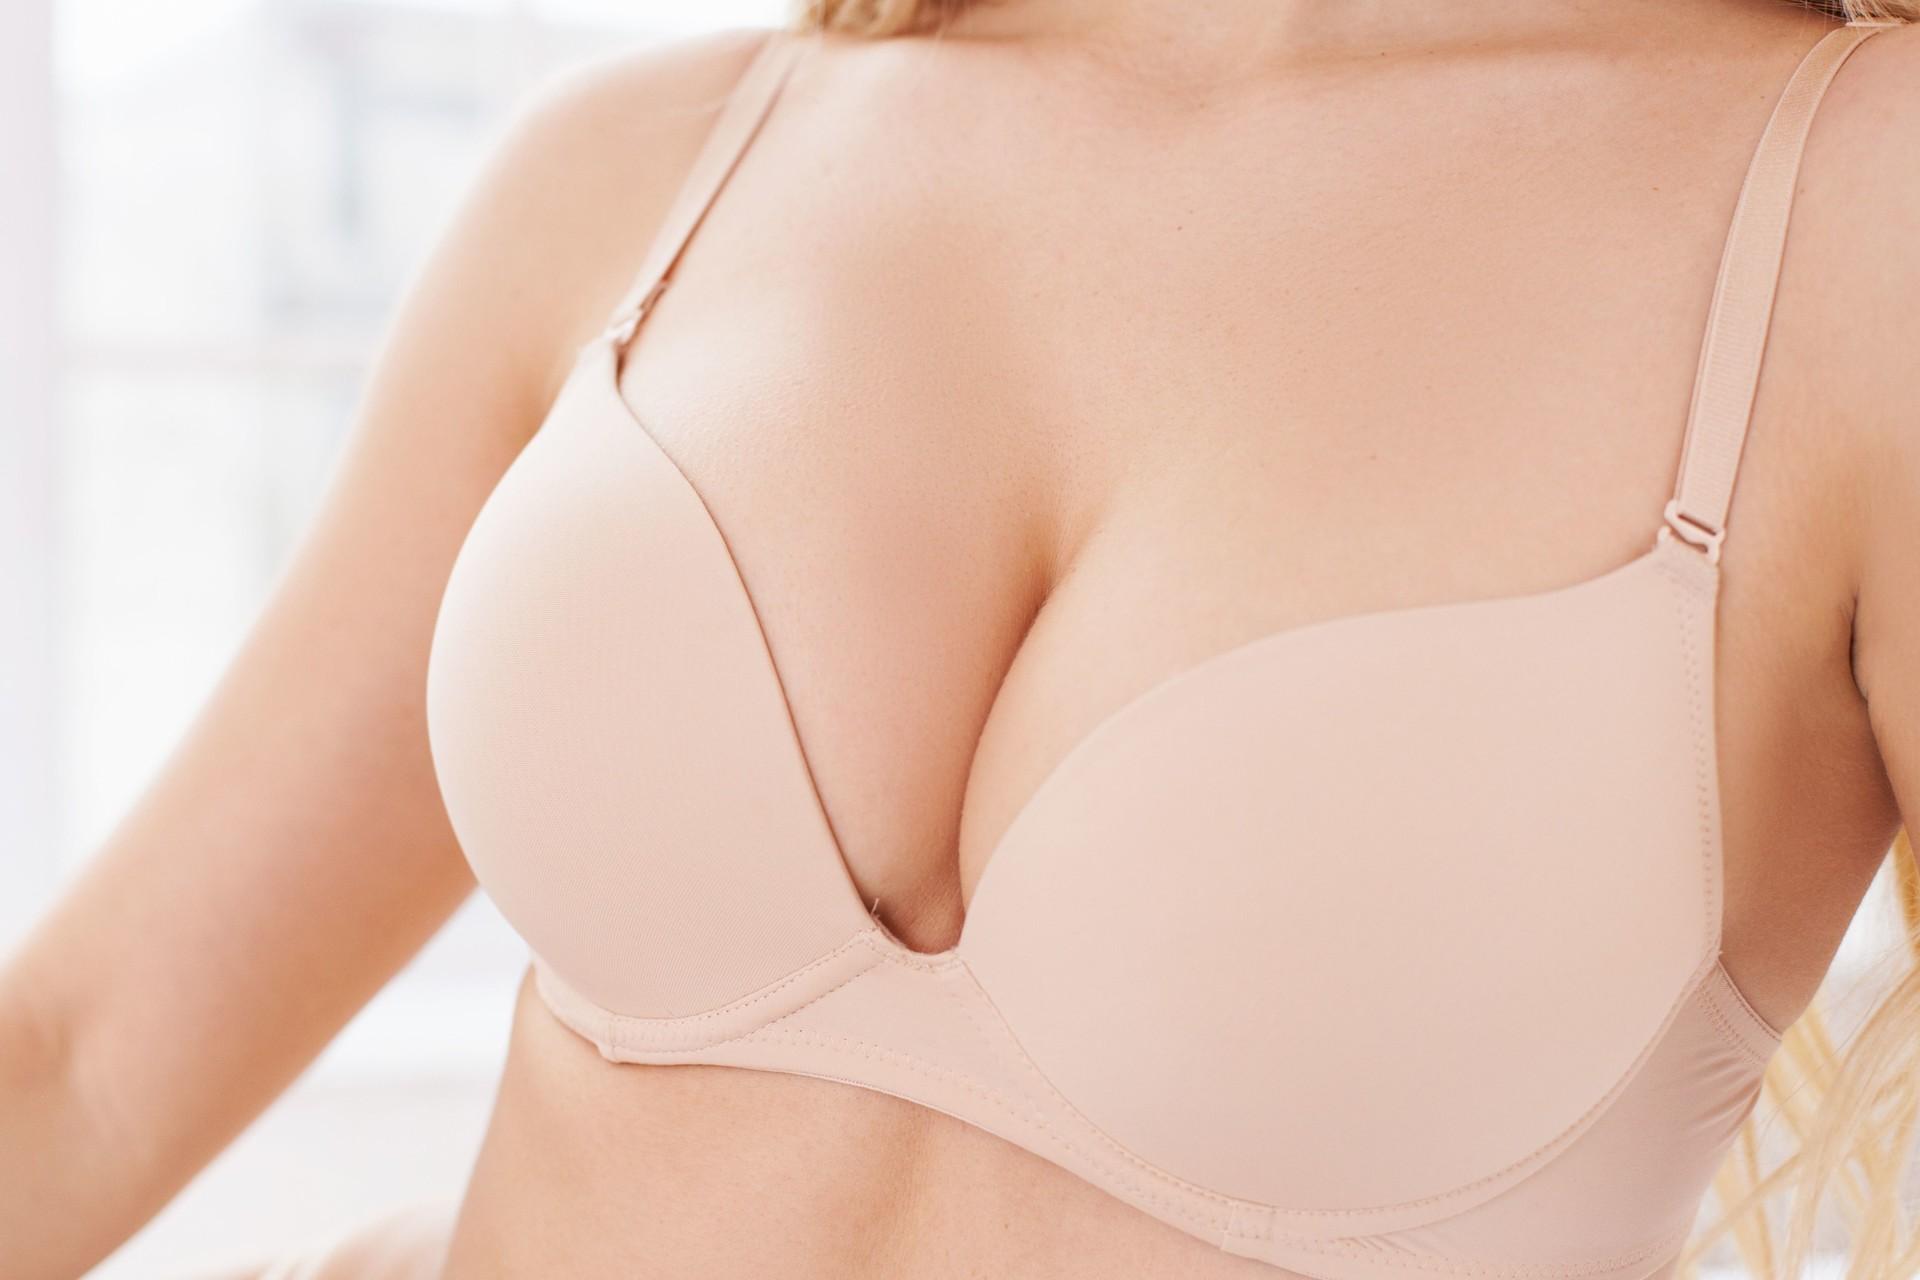 Brustimplantate: Kosten variieren